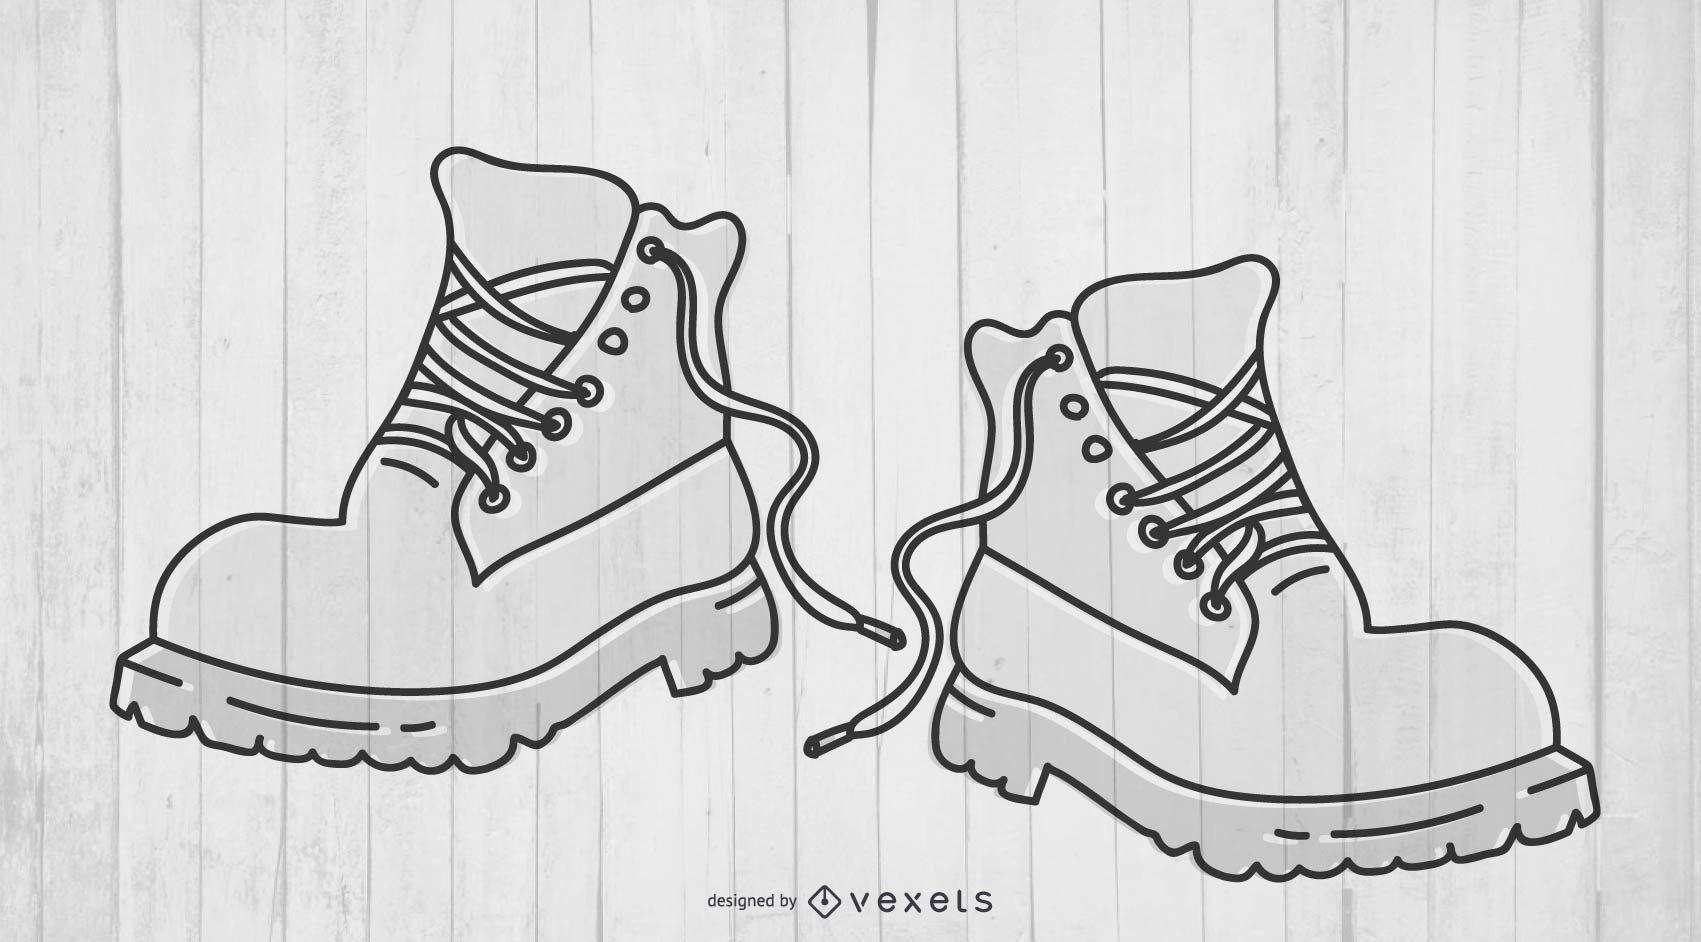 Par de botas com sola grossa